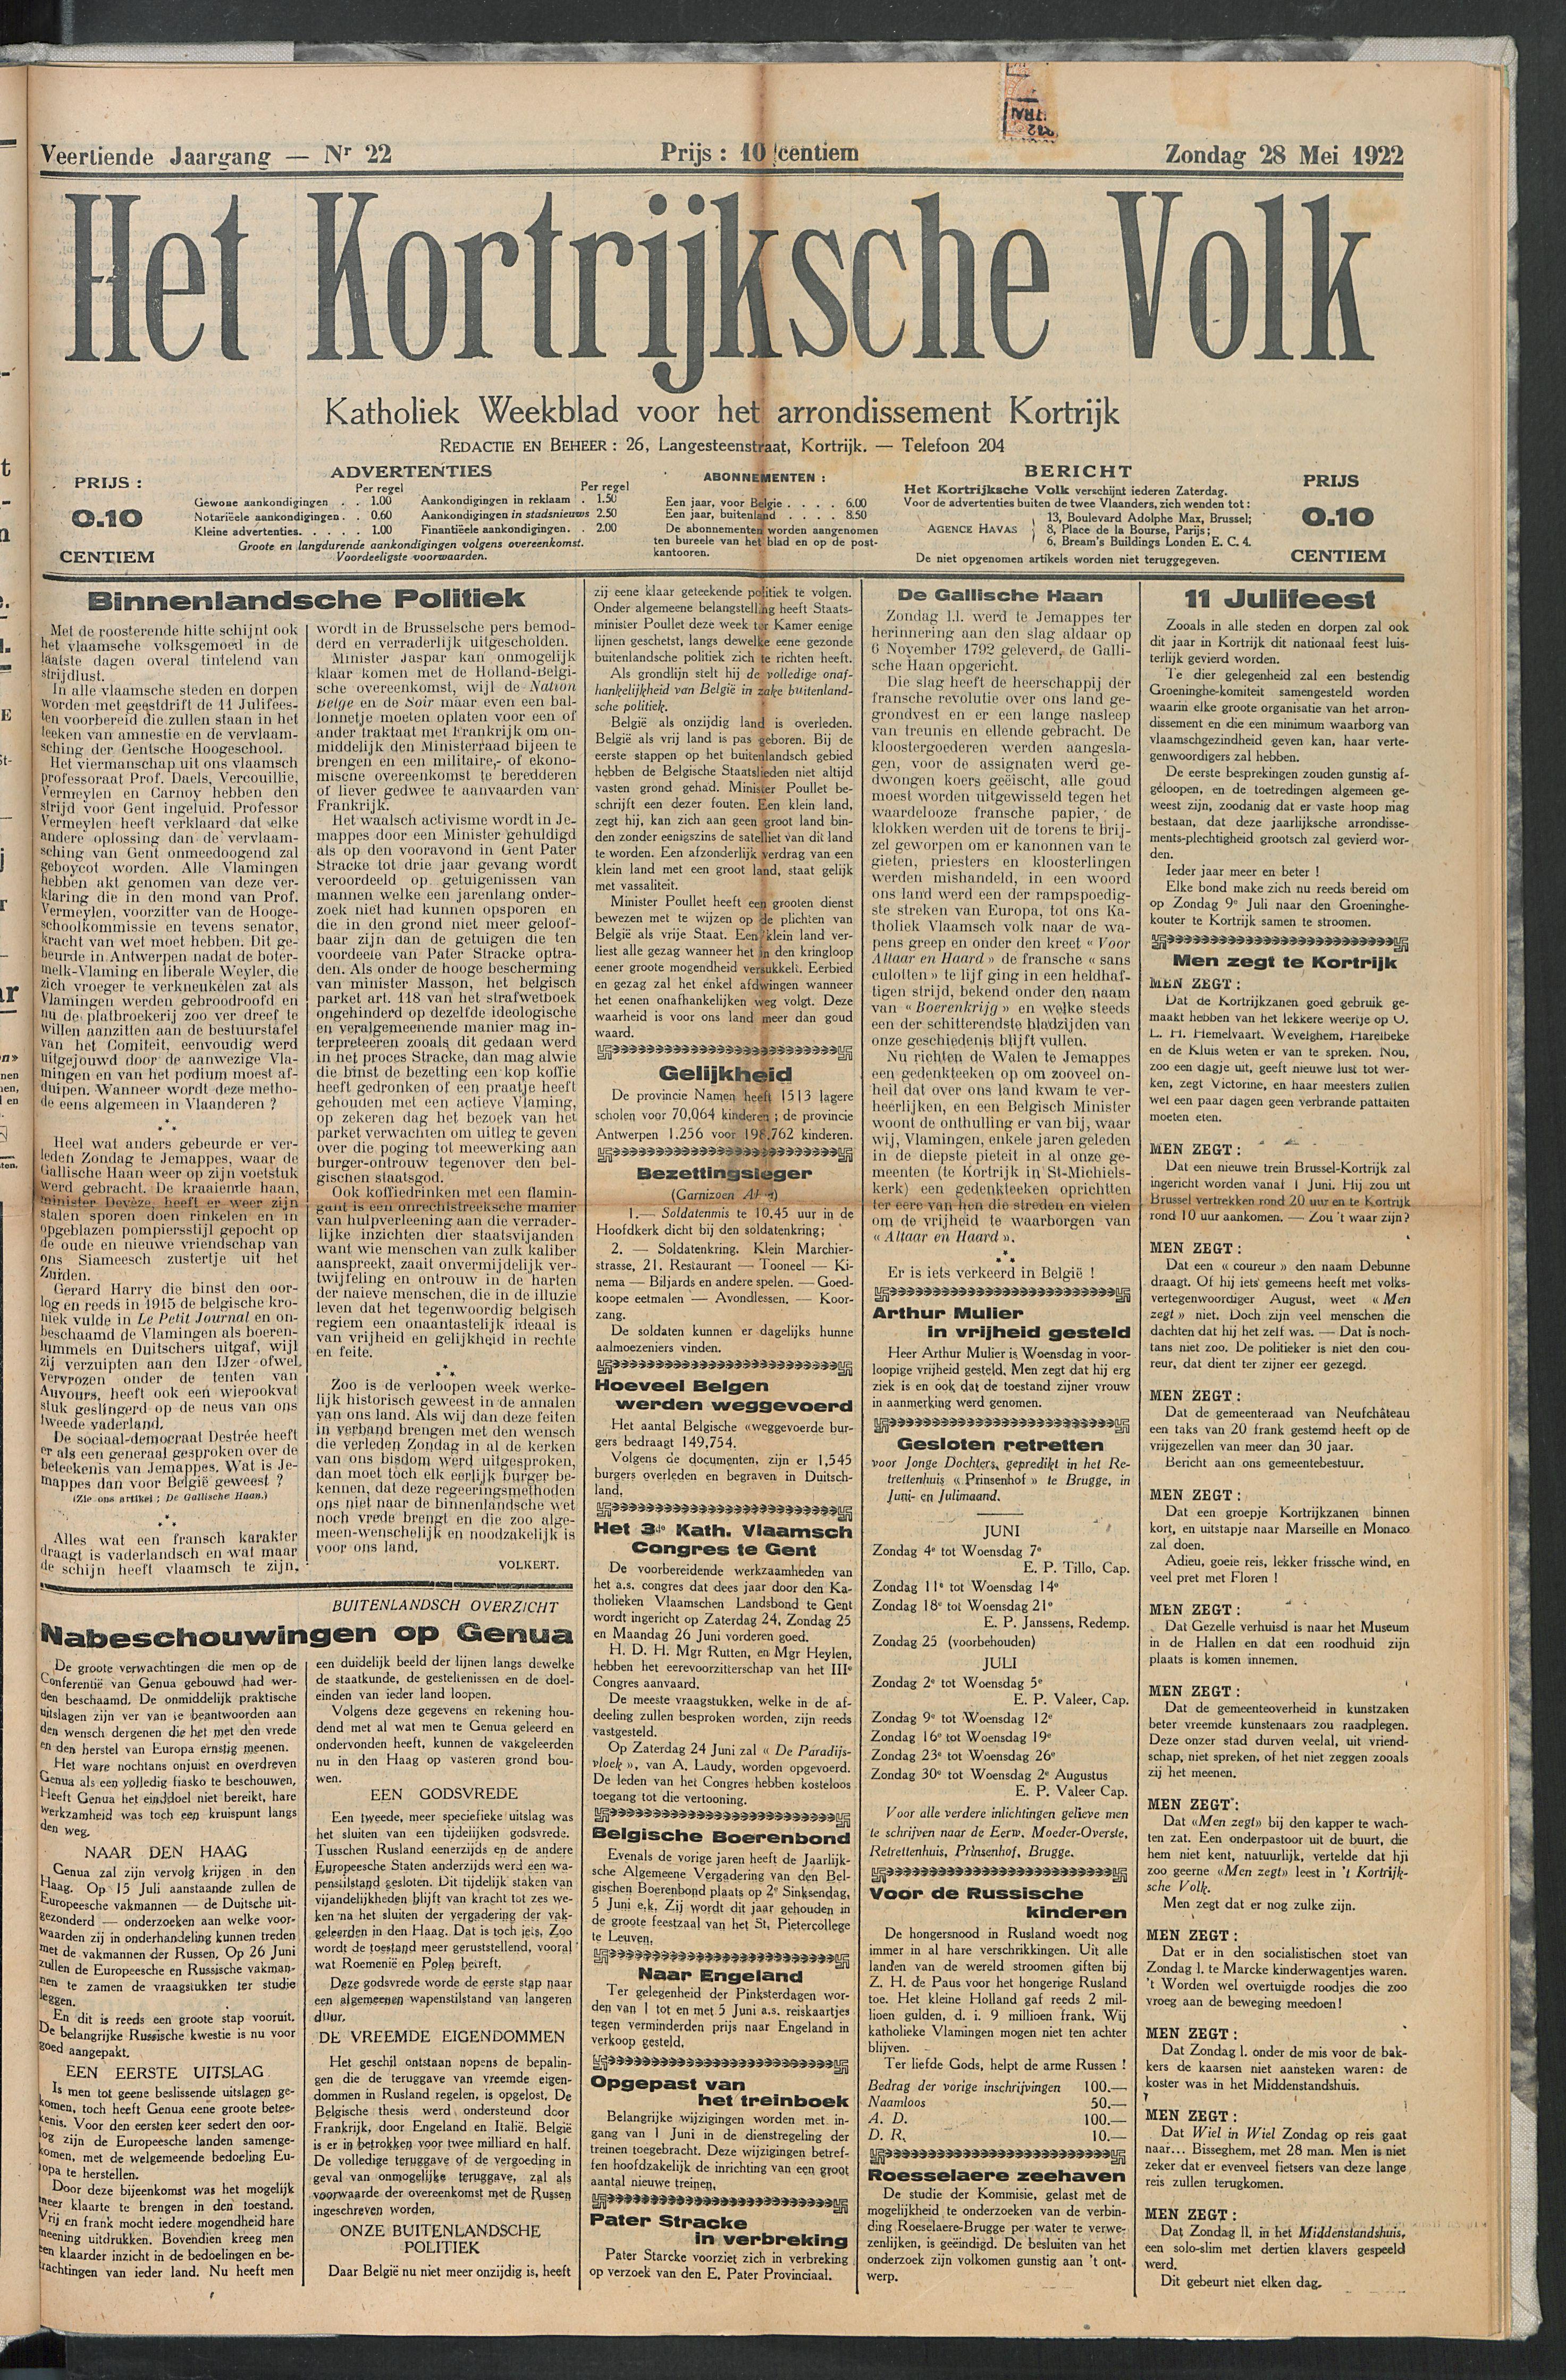 Het Kortrijksche Volk 1922-05-28 p1